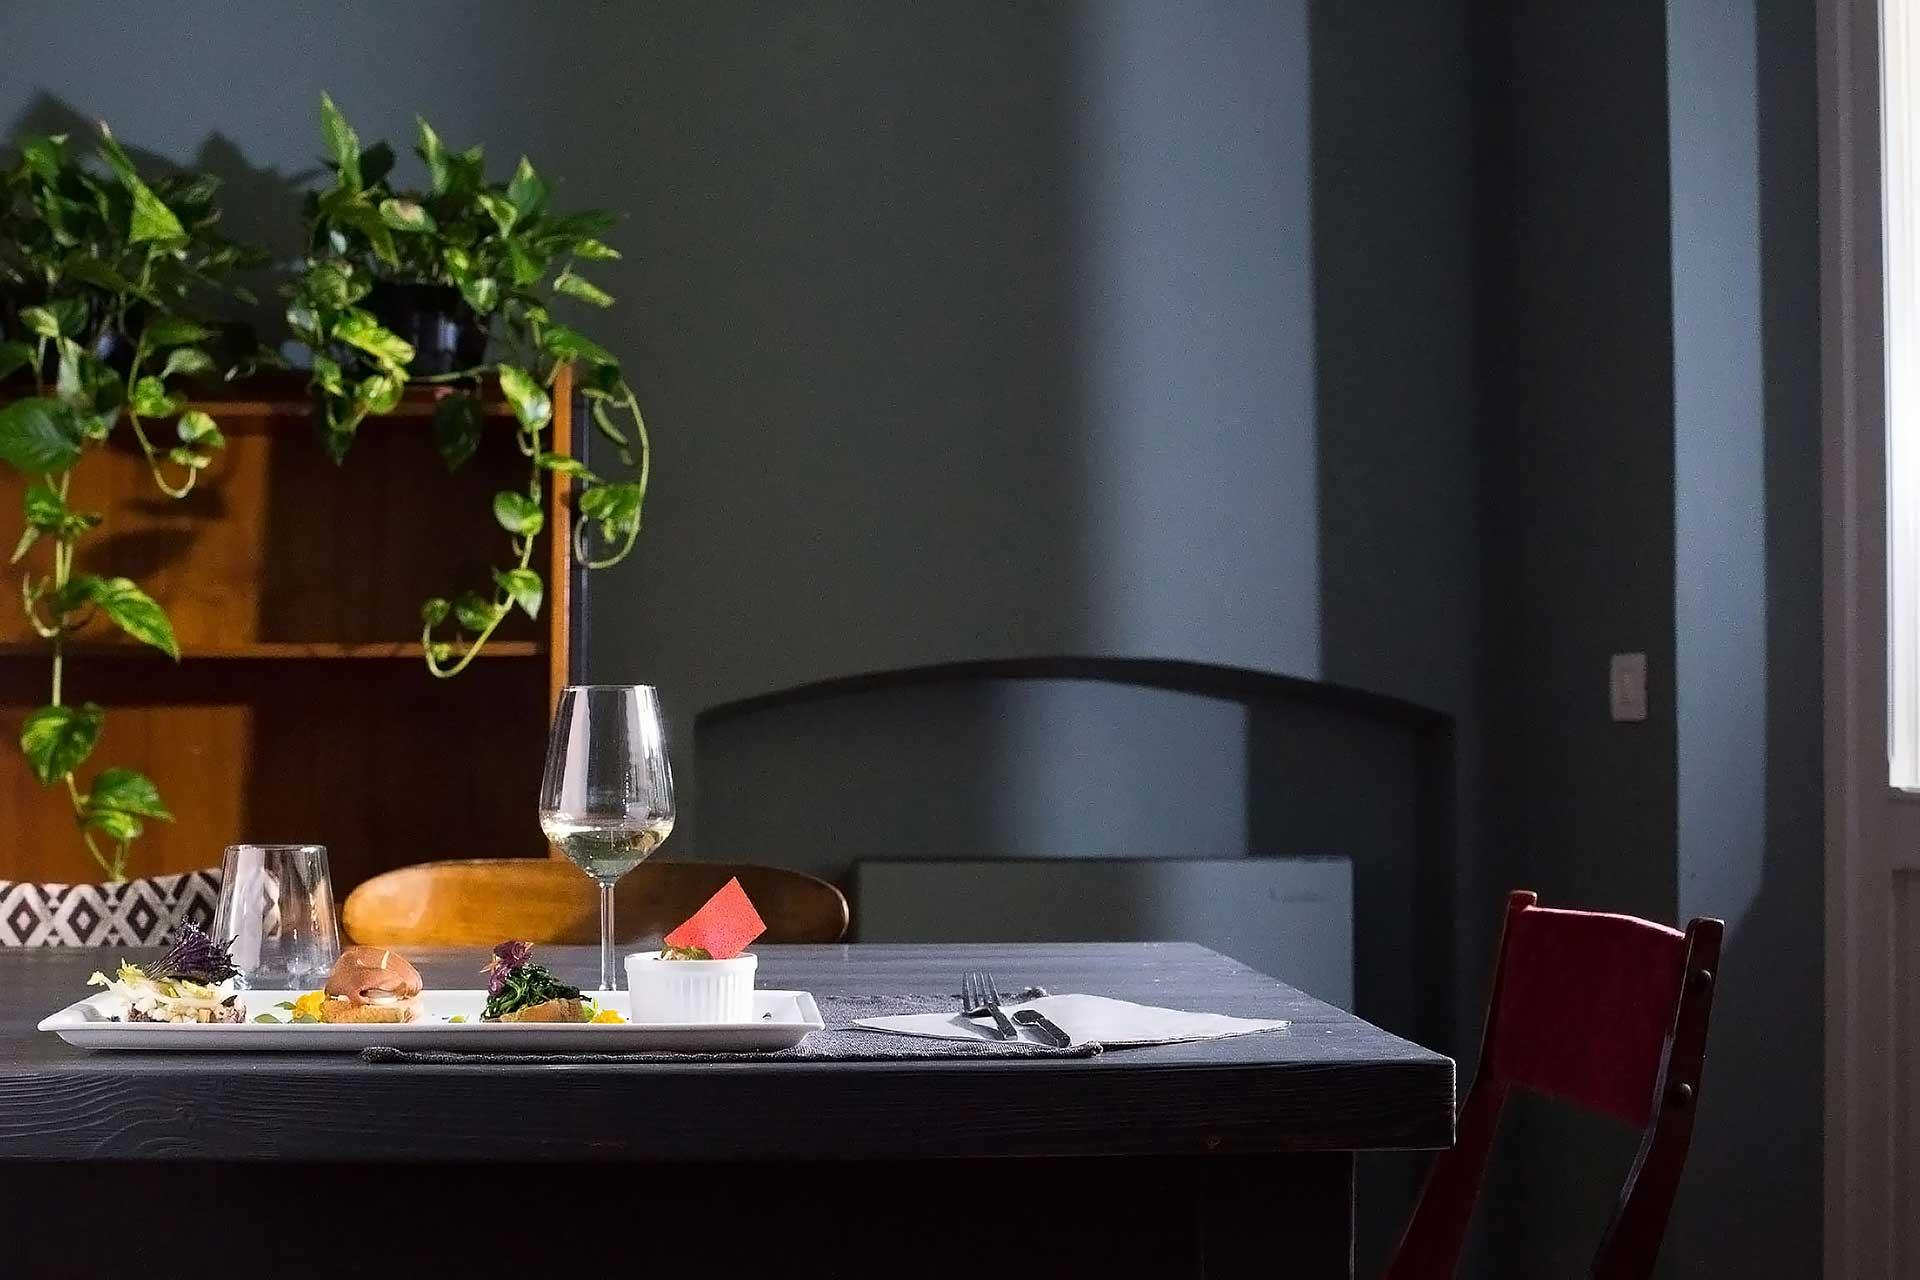 Fotografo-piatti-ristorante-ambientata-Treviso-Venezia-Brescia-2_O